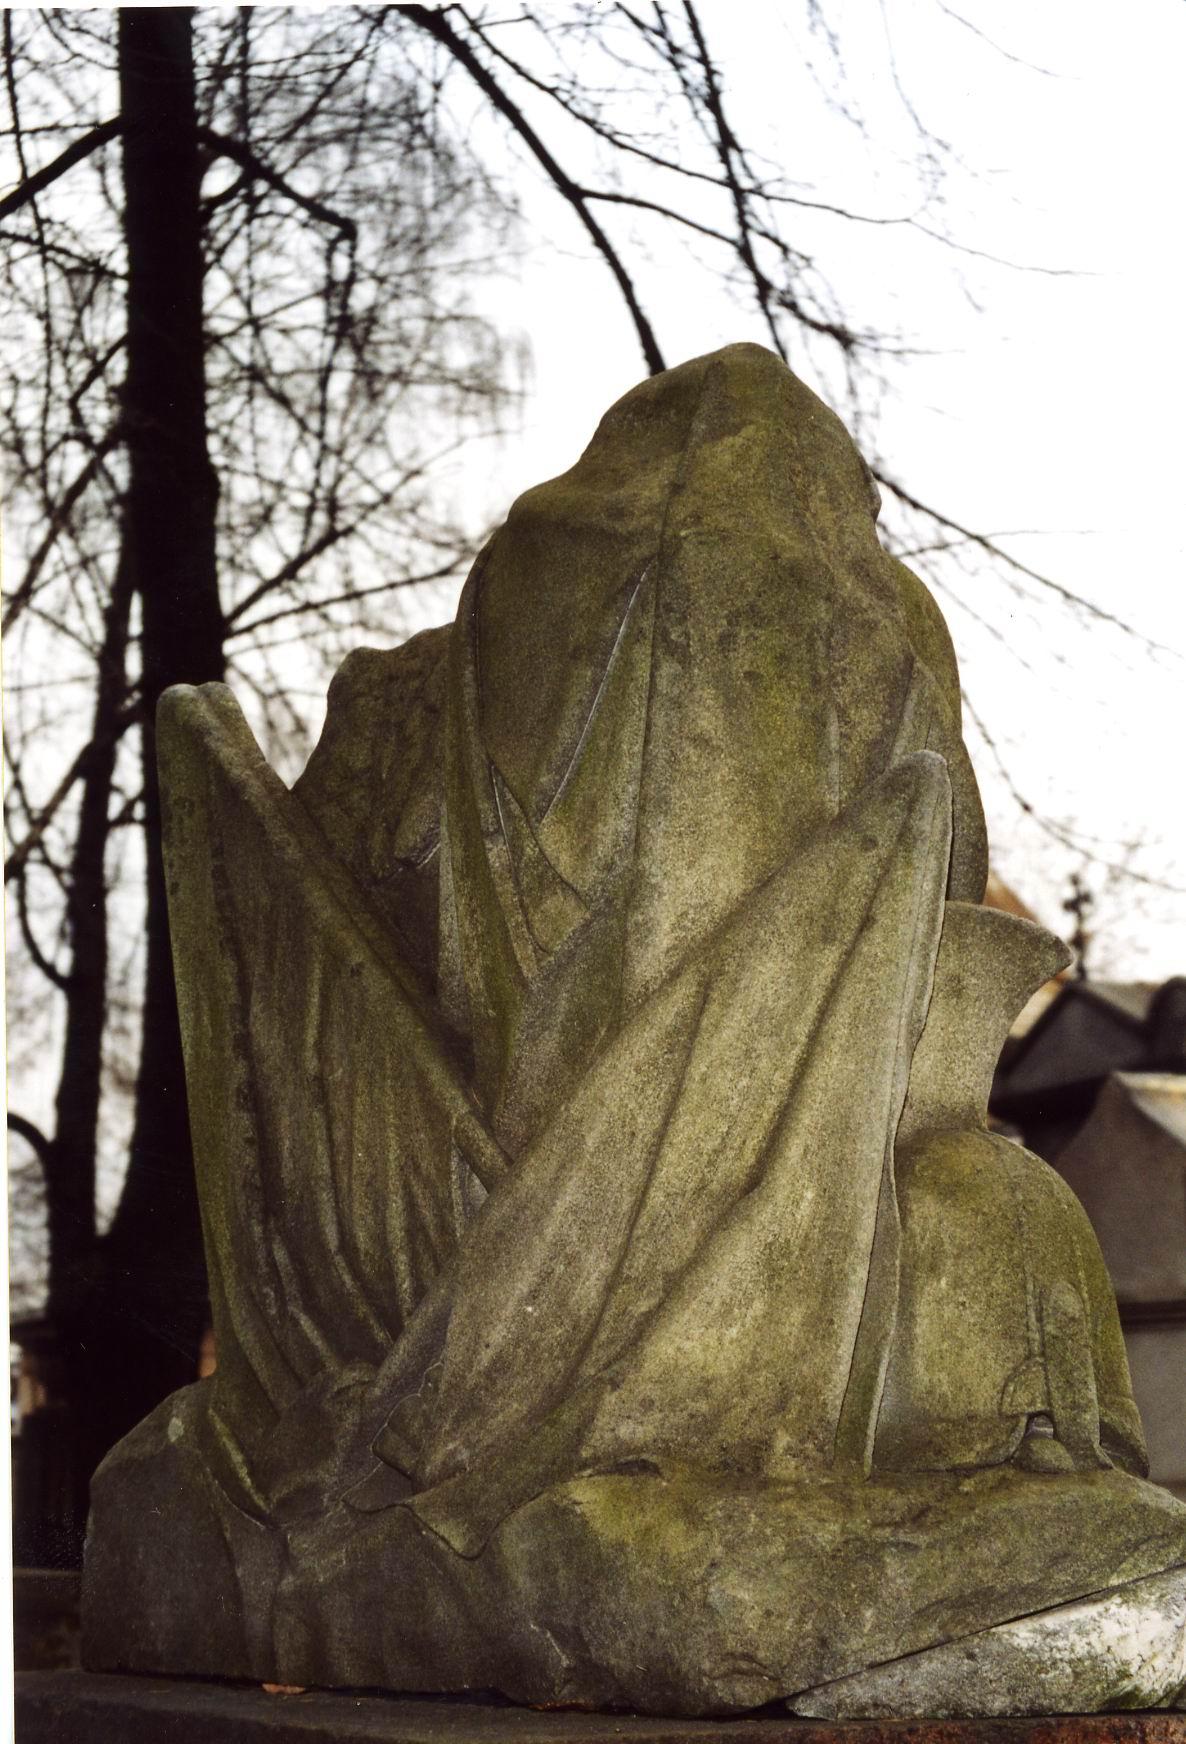 Скульптурная композиция. Северная сторона. Виден сплошной налет из атмосферных грязевых отложений и налетов биологического происхождения.  Фото ноября 2003 г.